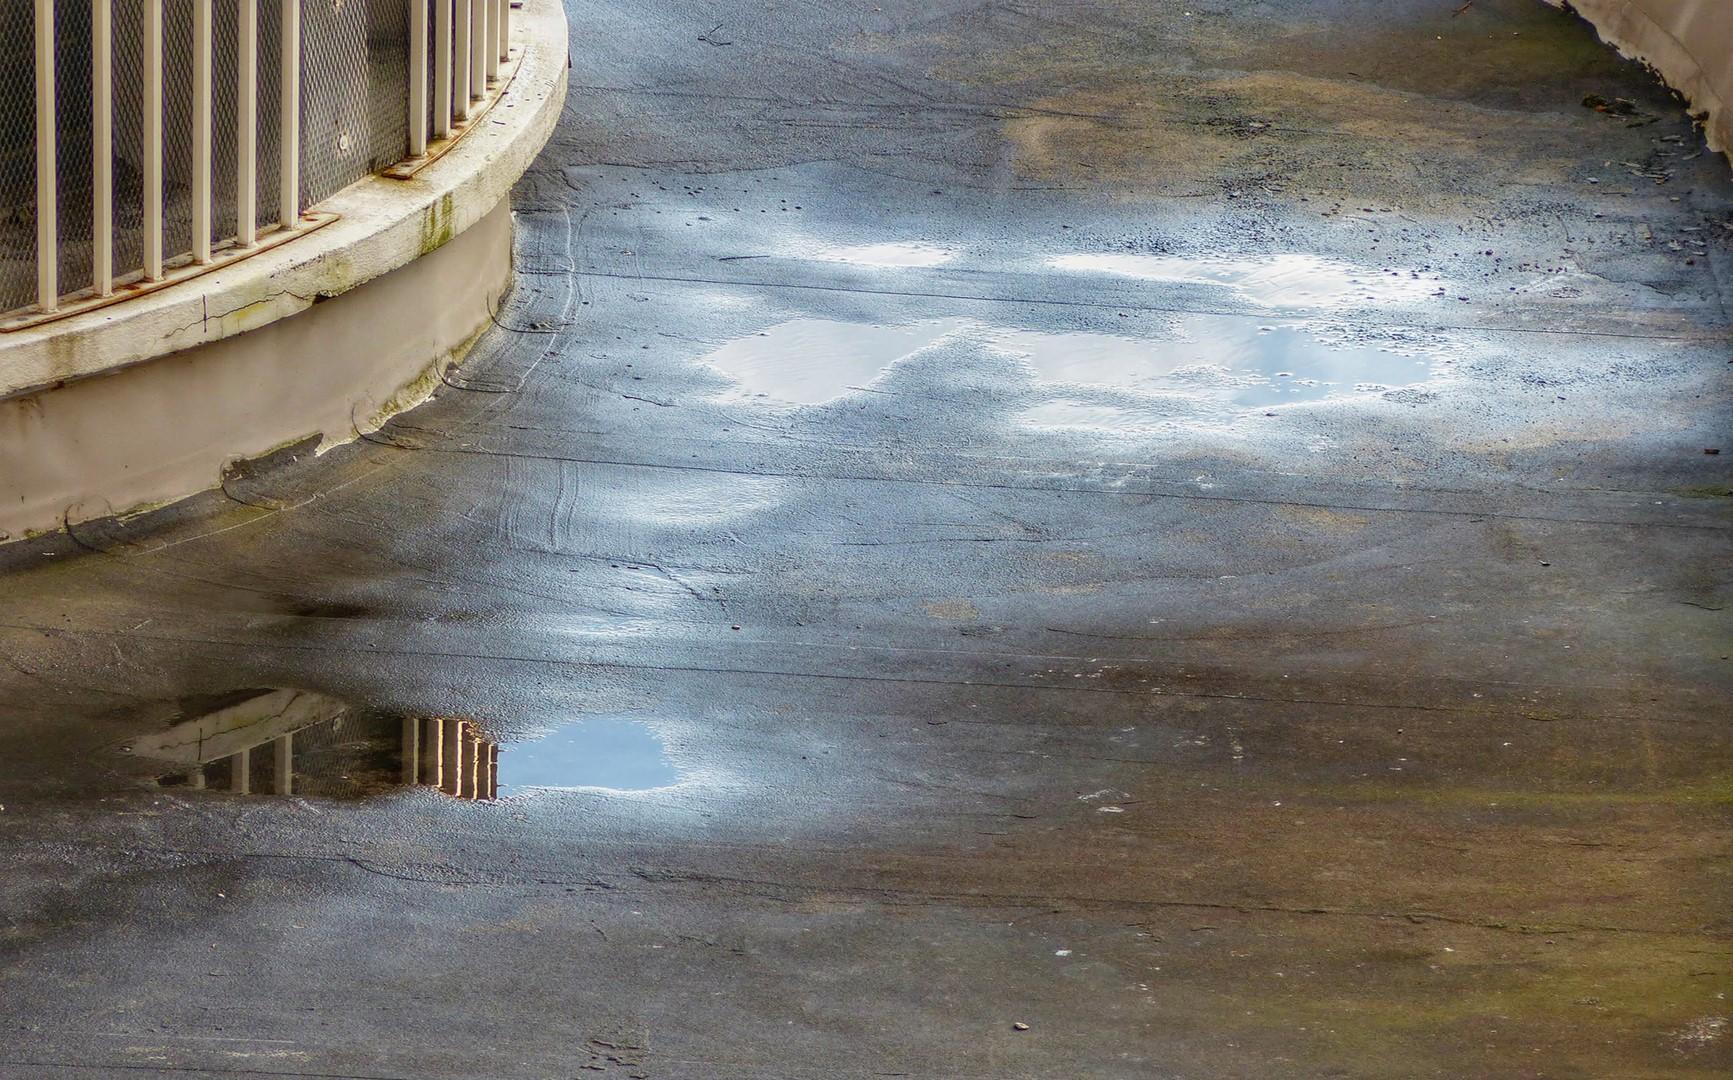 030_Lucie-Elisabeth-FLUORIT_pluie dans m